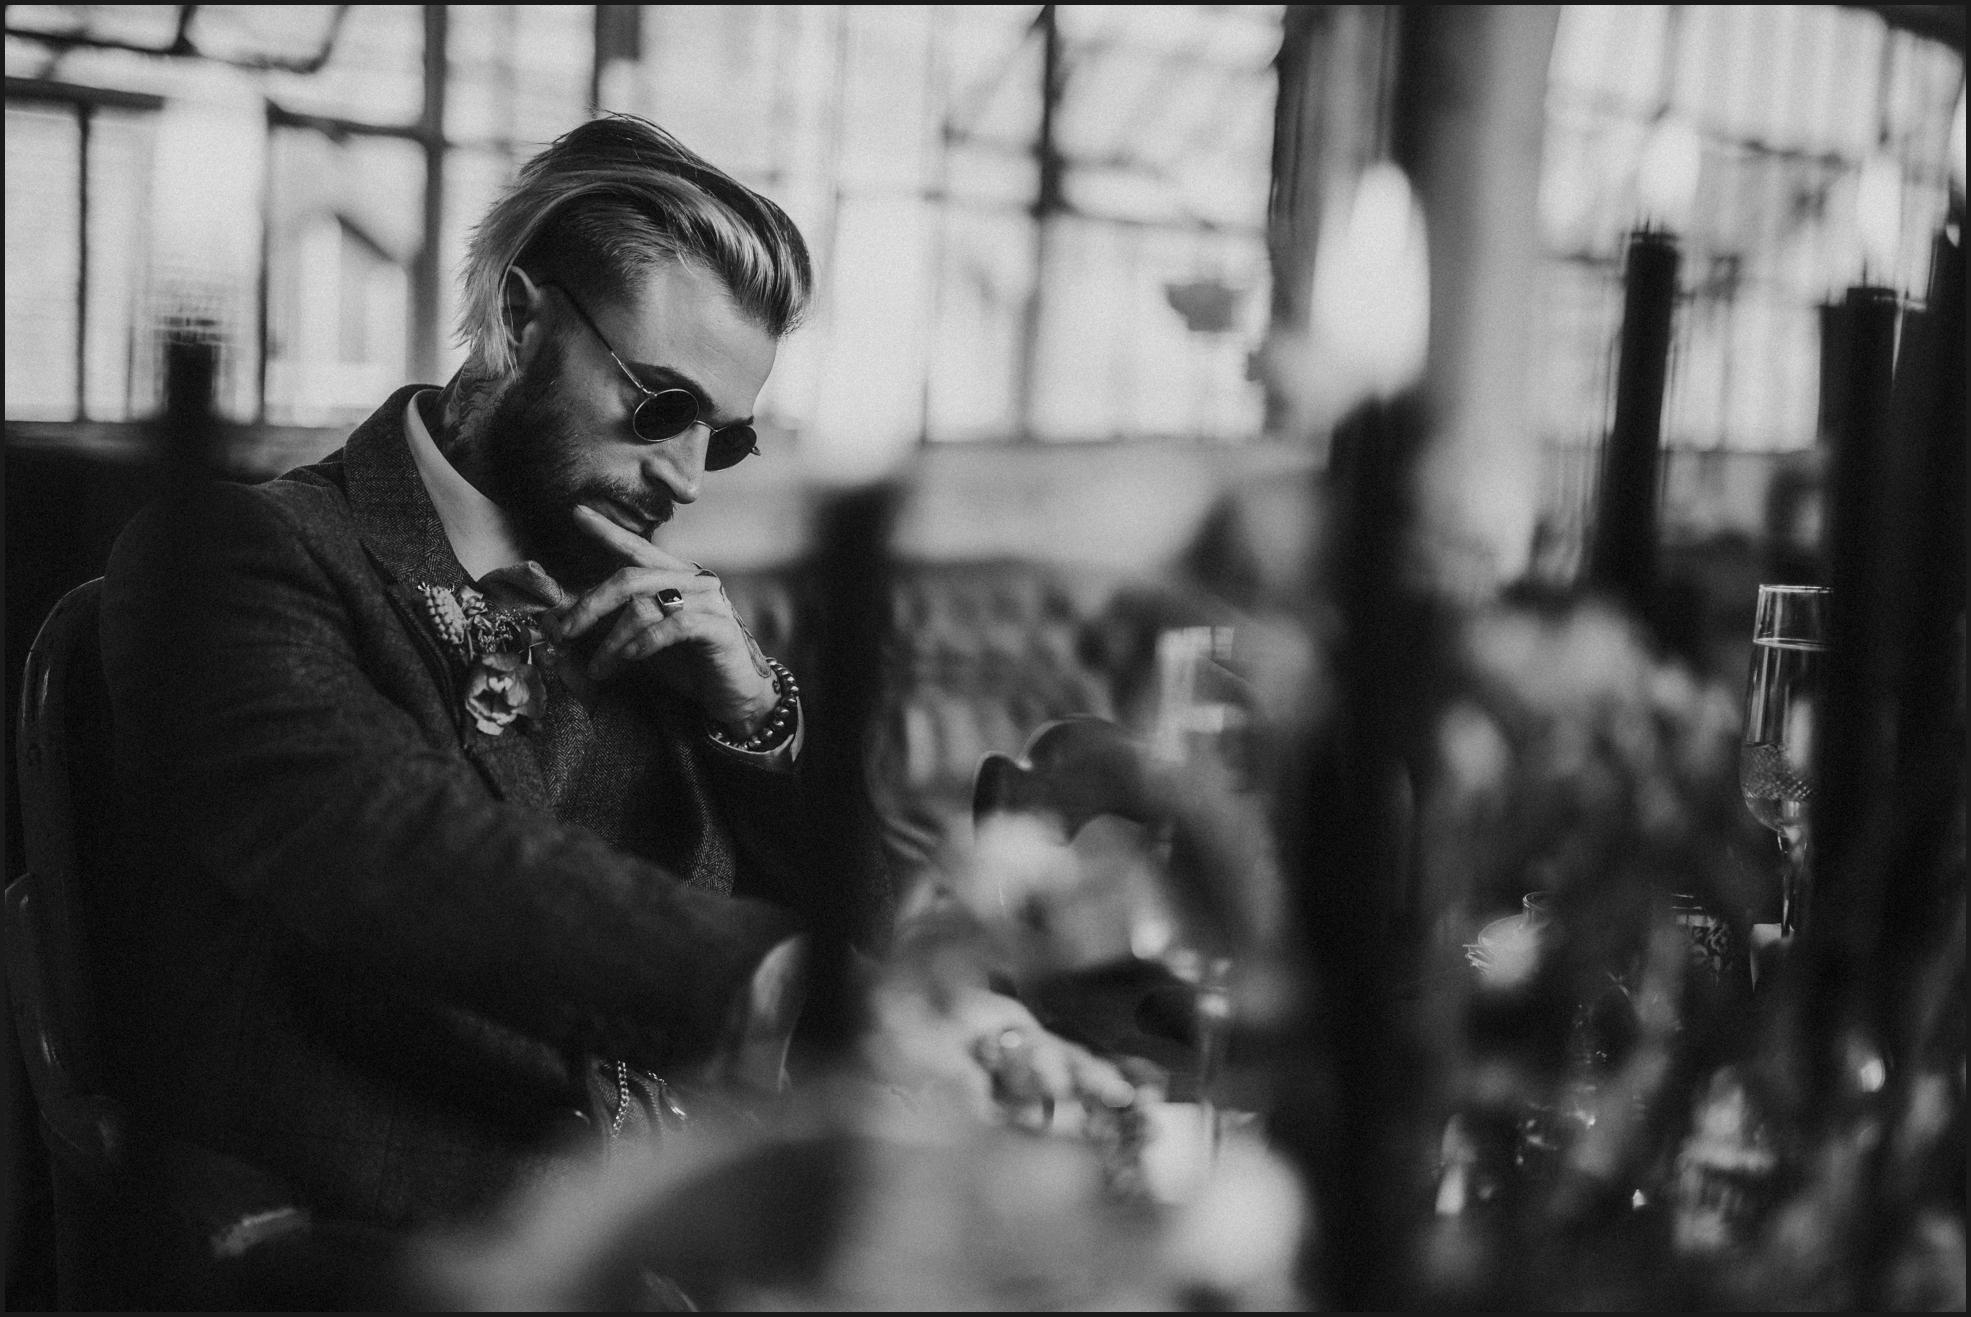 groom portrait, wedding table, sunglasses, rocking groom